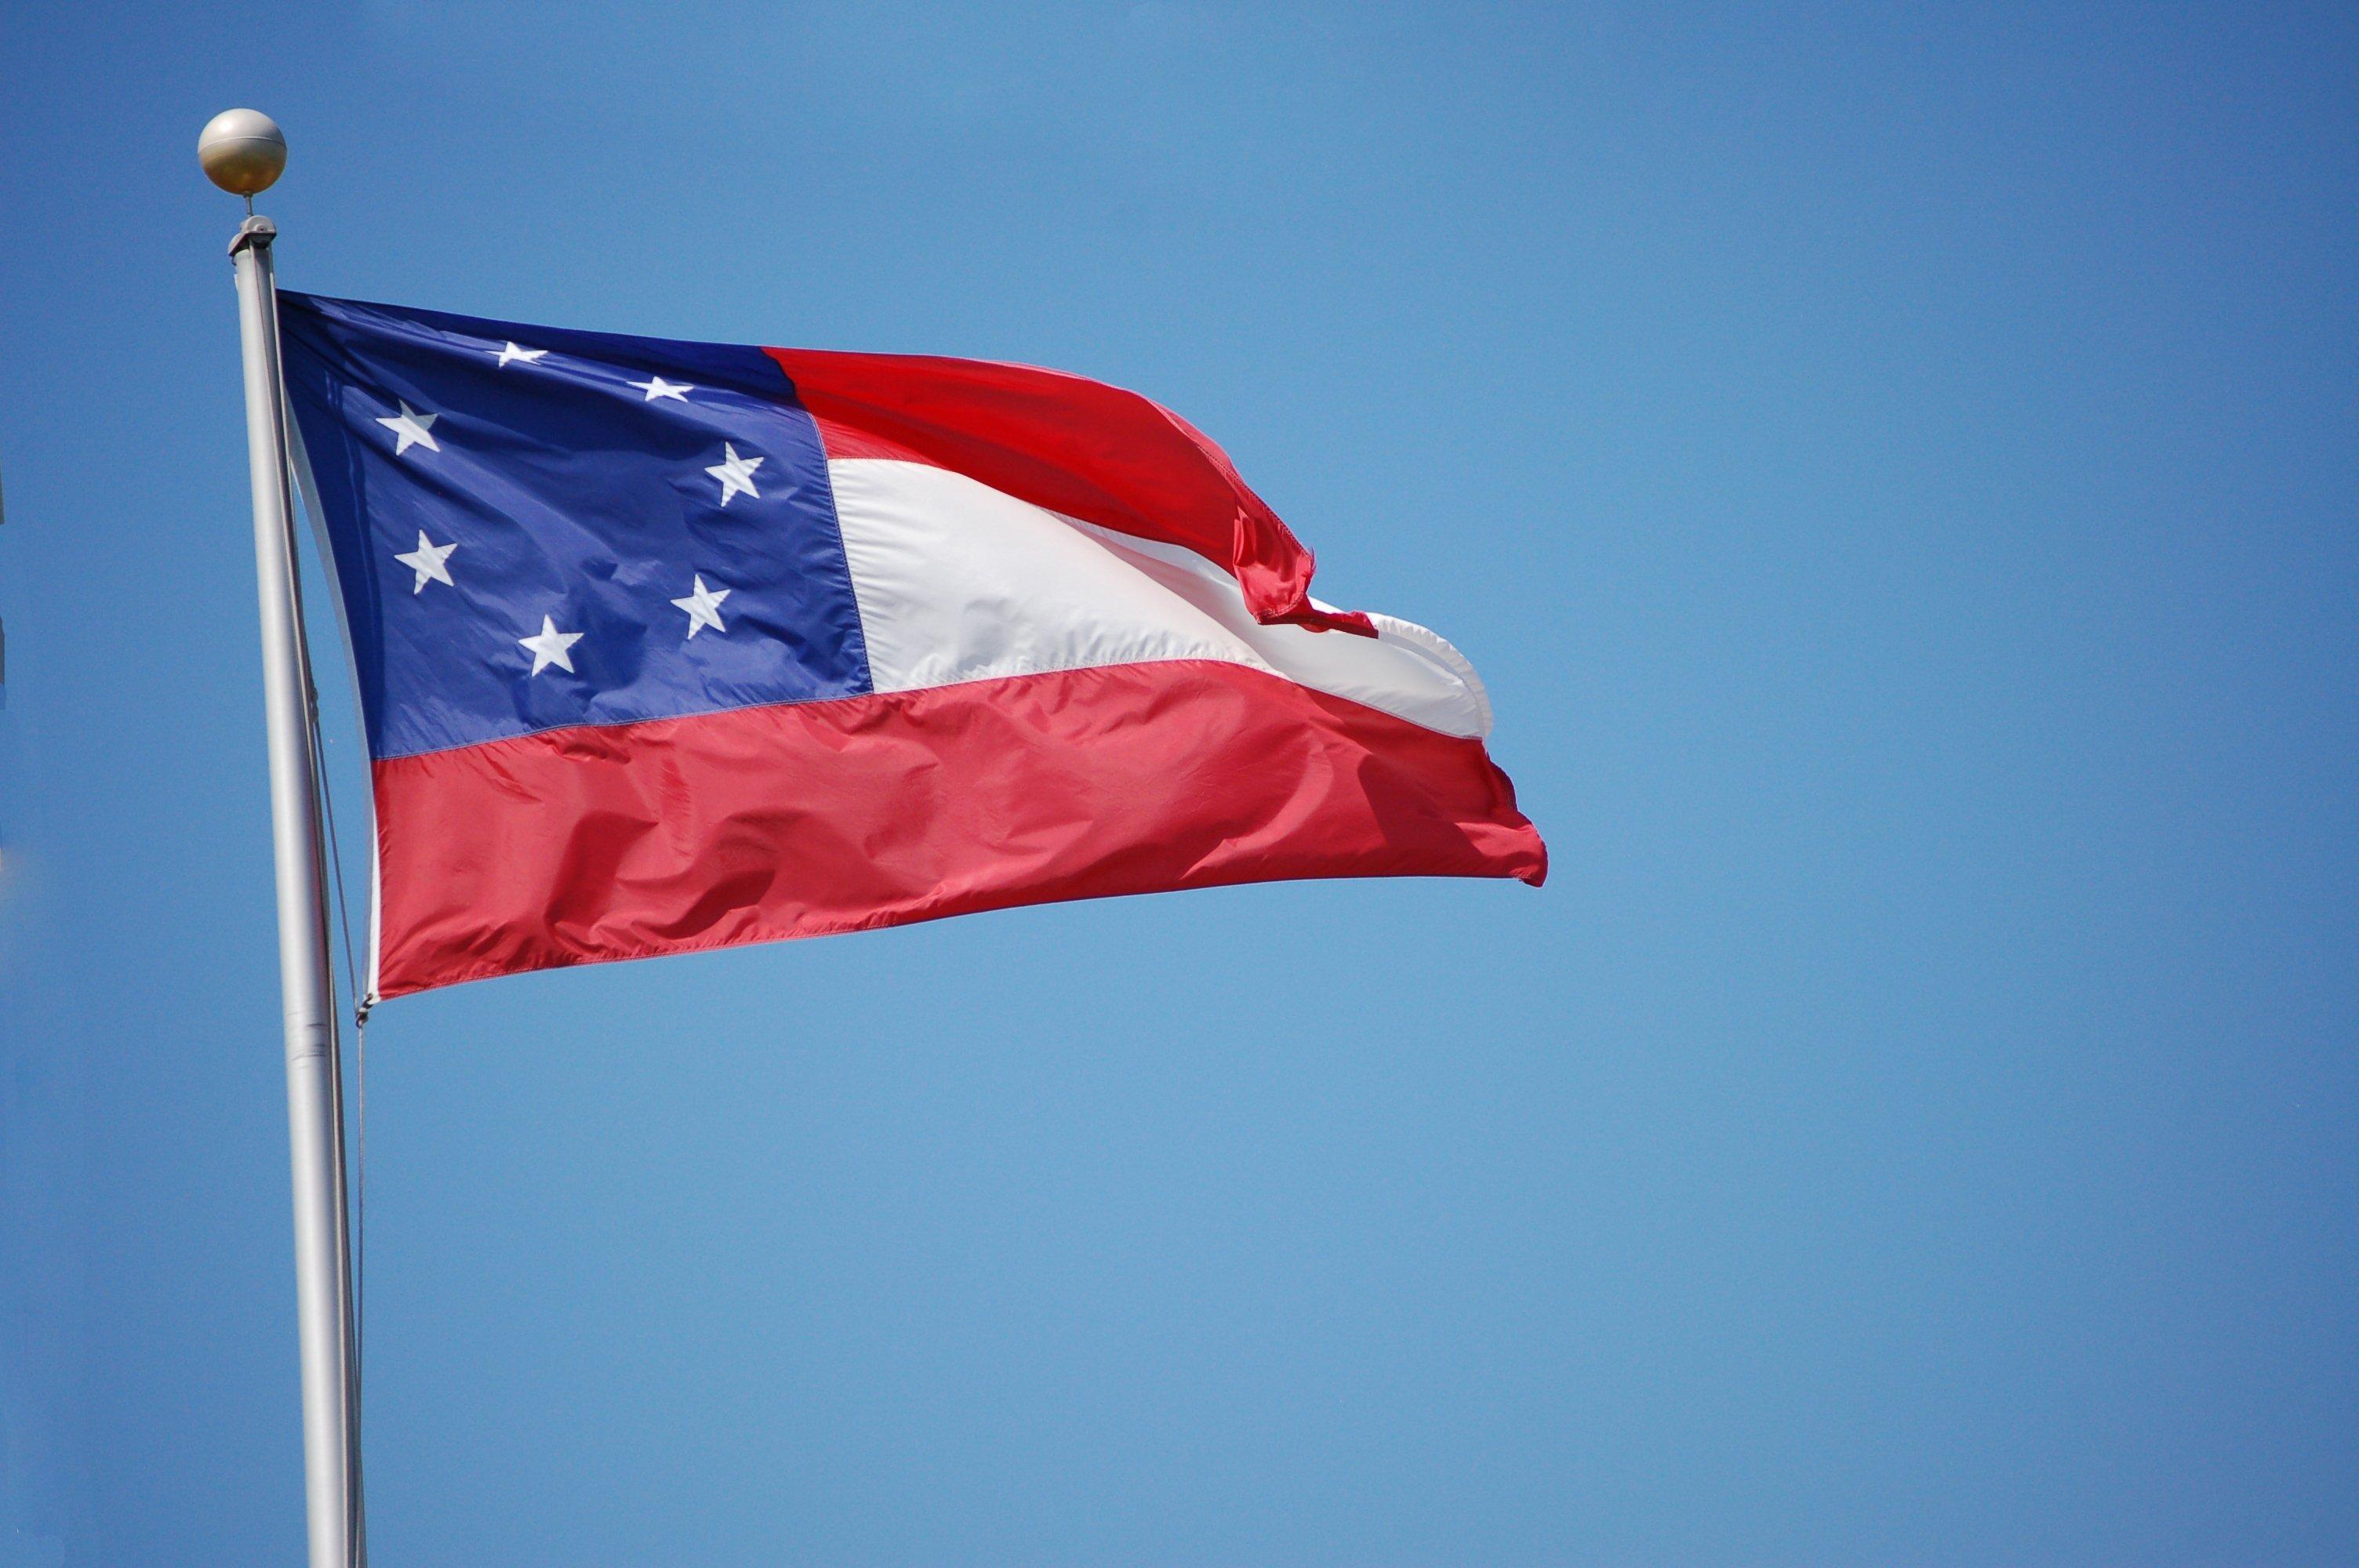 Confederate Memorial Day: White Supremacists Celebrate Treason